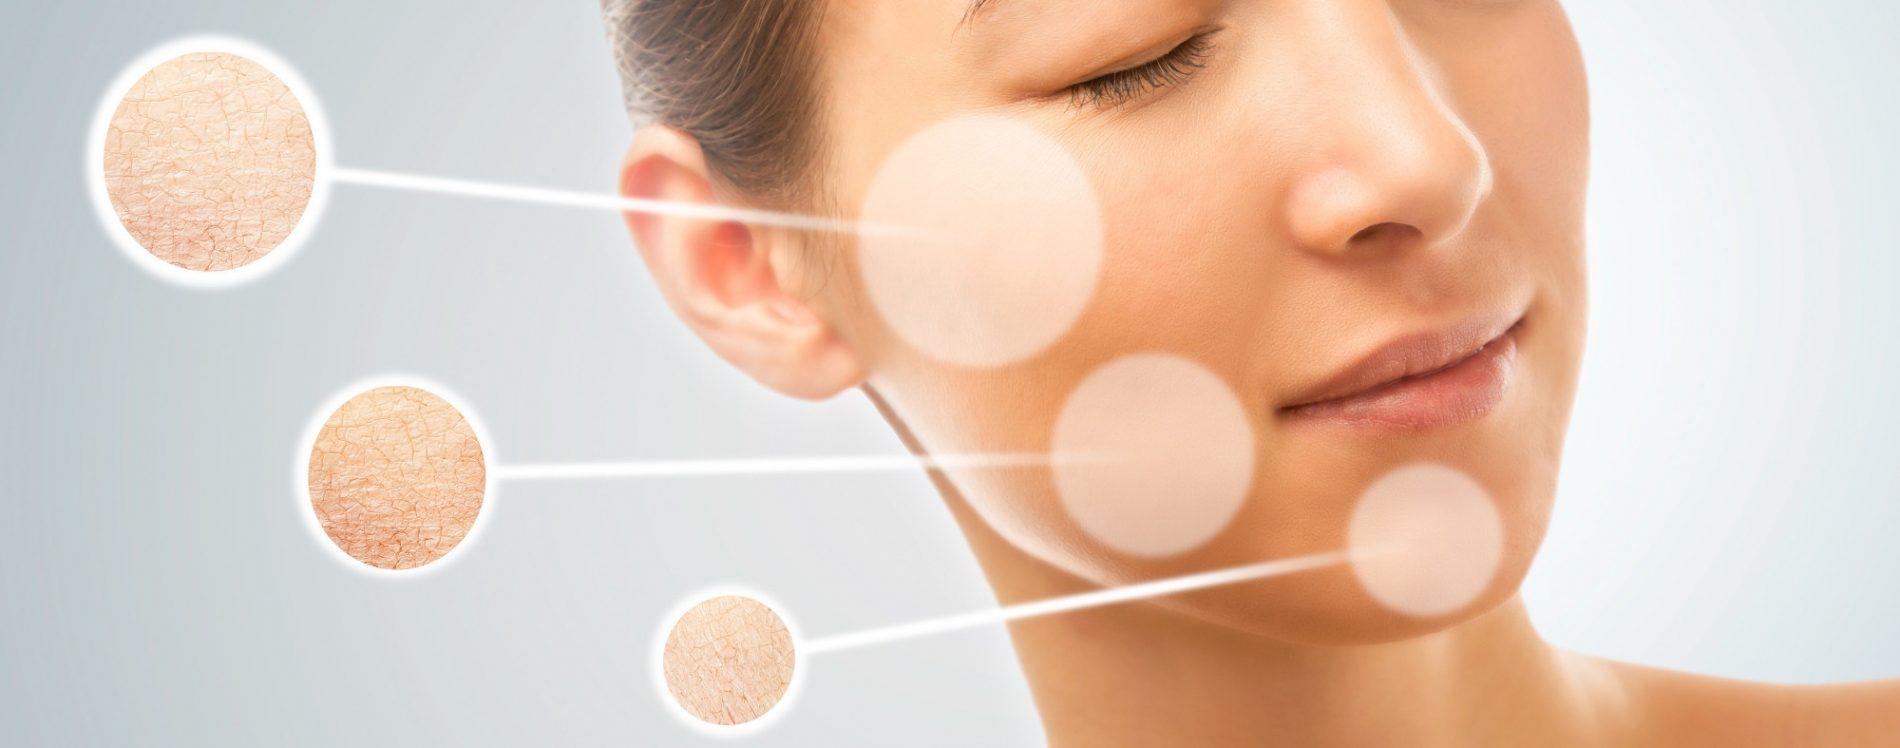 retinol vitamin a